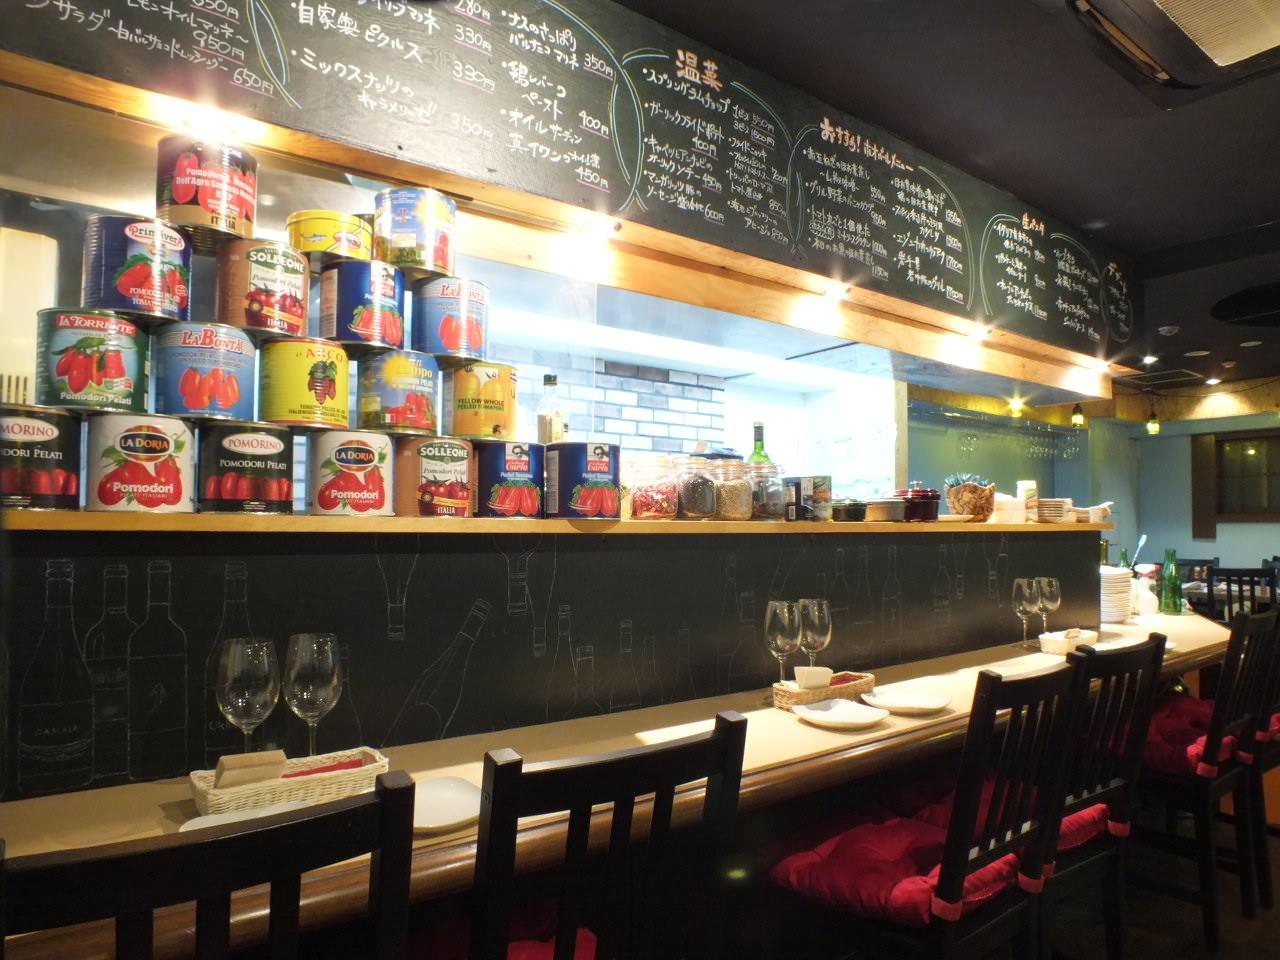 ワイン食堂 ホオバール hhOBar 池袋西口店のイメージ写真